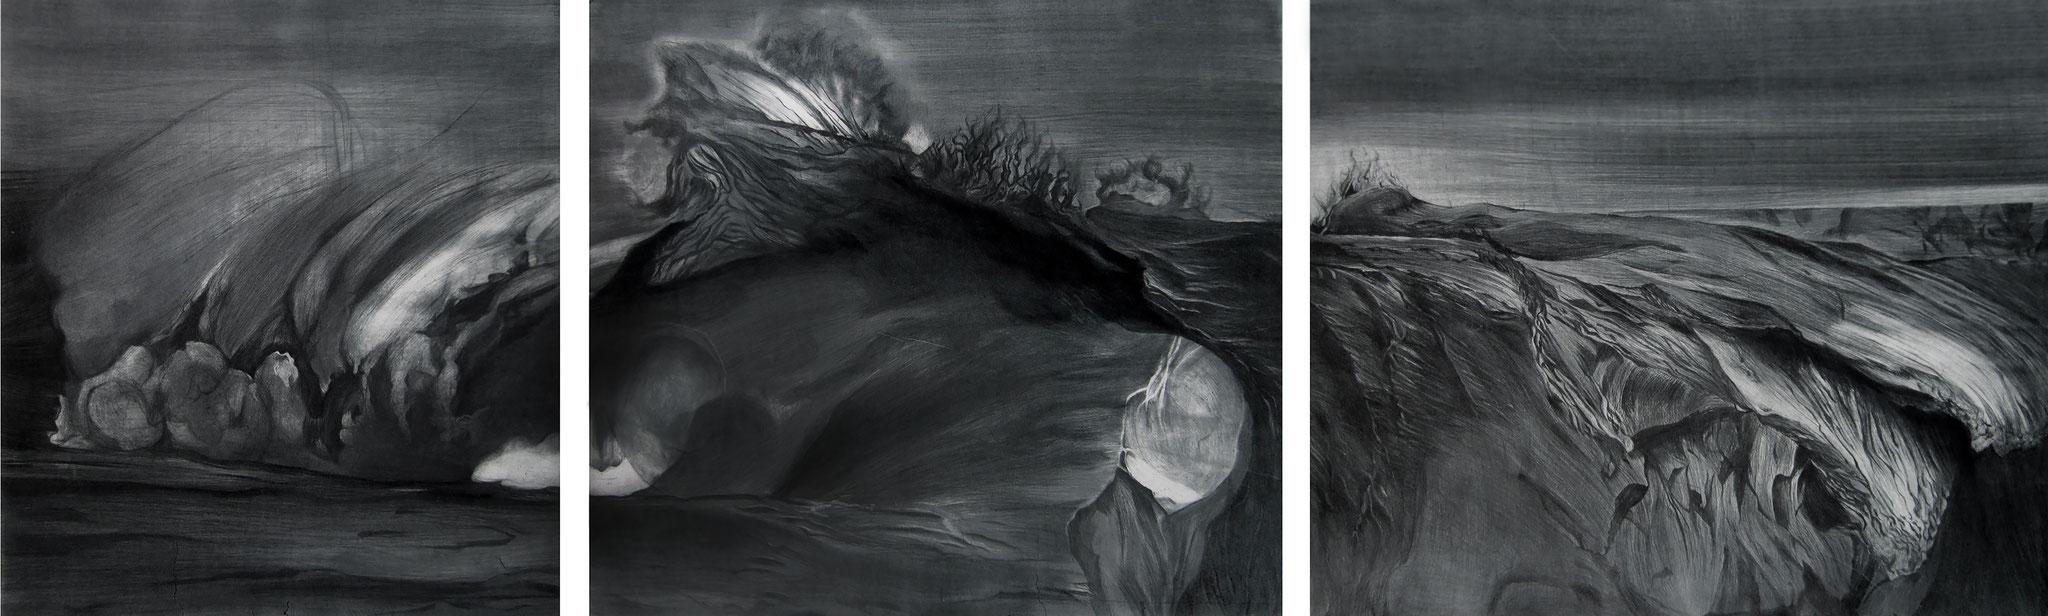 Série Les Enigmes, triptyque I gravure imprimée sur papier Fabriano I 56 x 206 cm I 2017